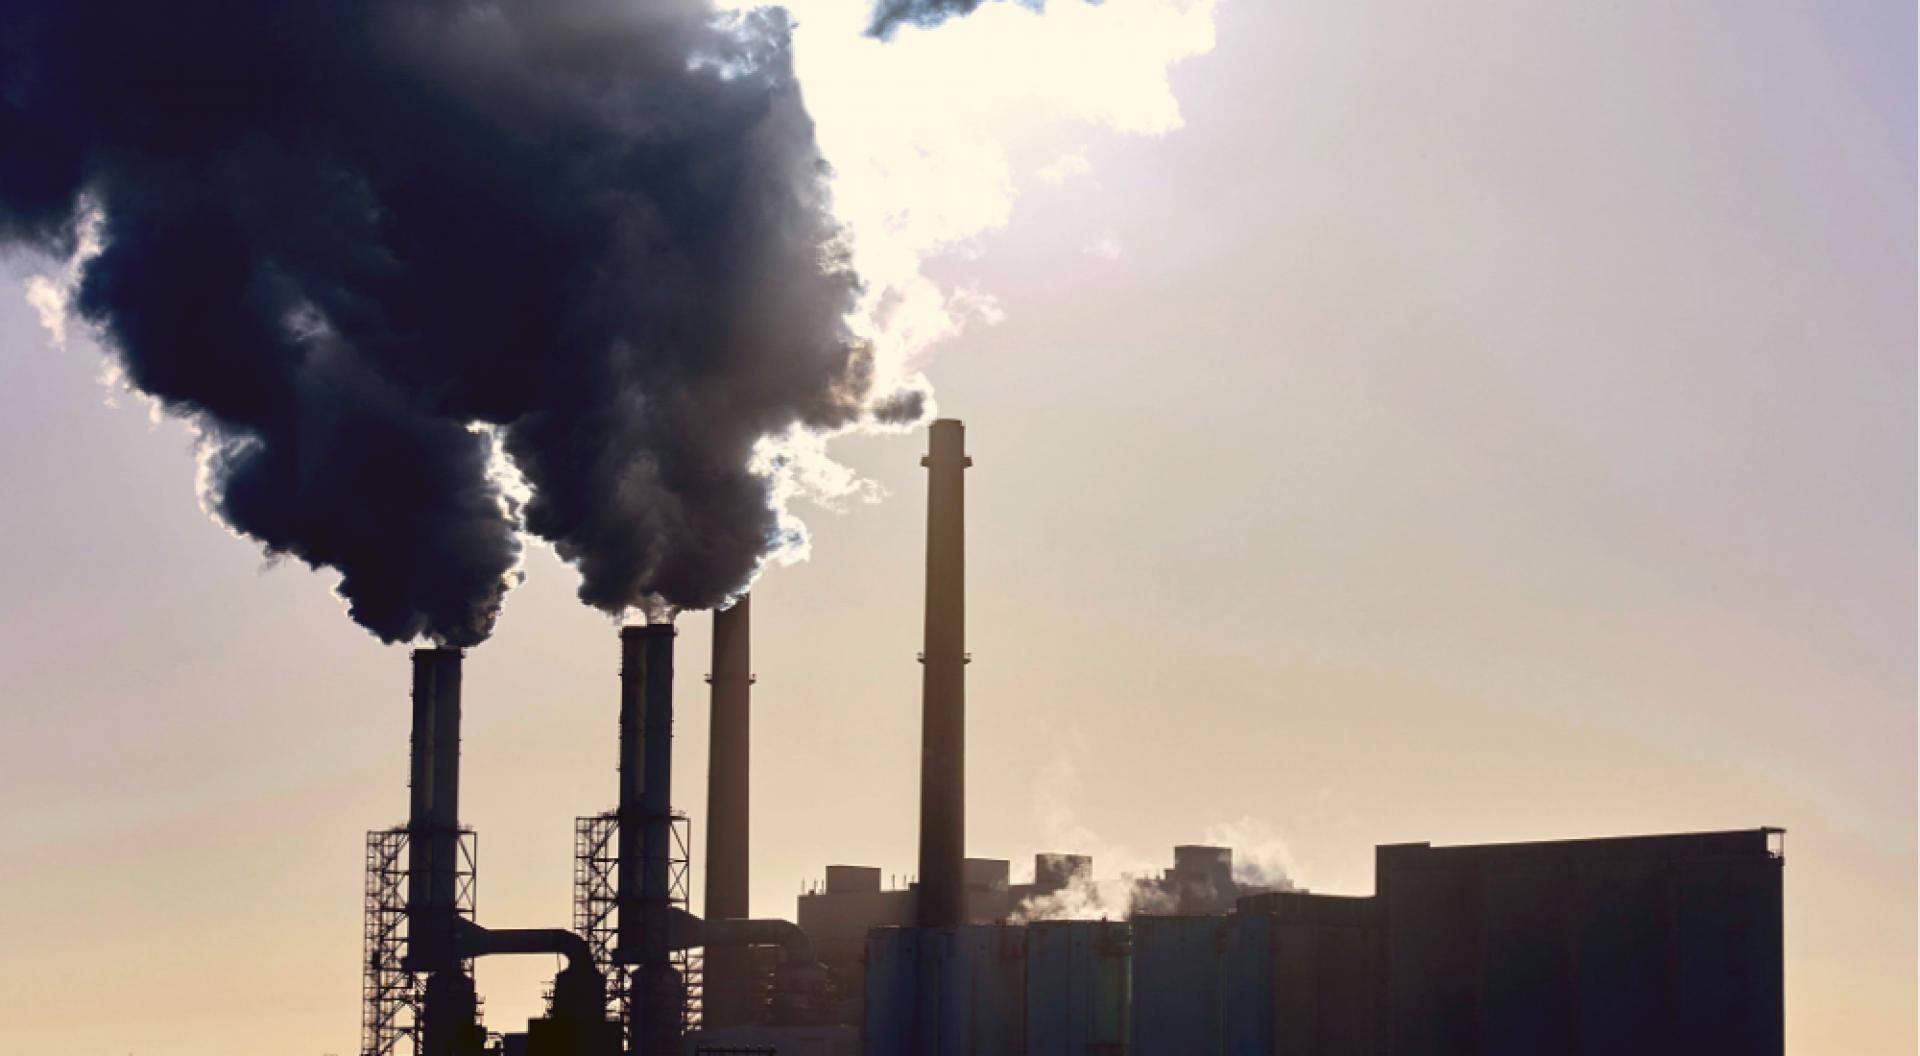 دراسة: تلوث الهواء «أكبر خطر» على متوسط العمر المتوقع